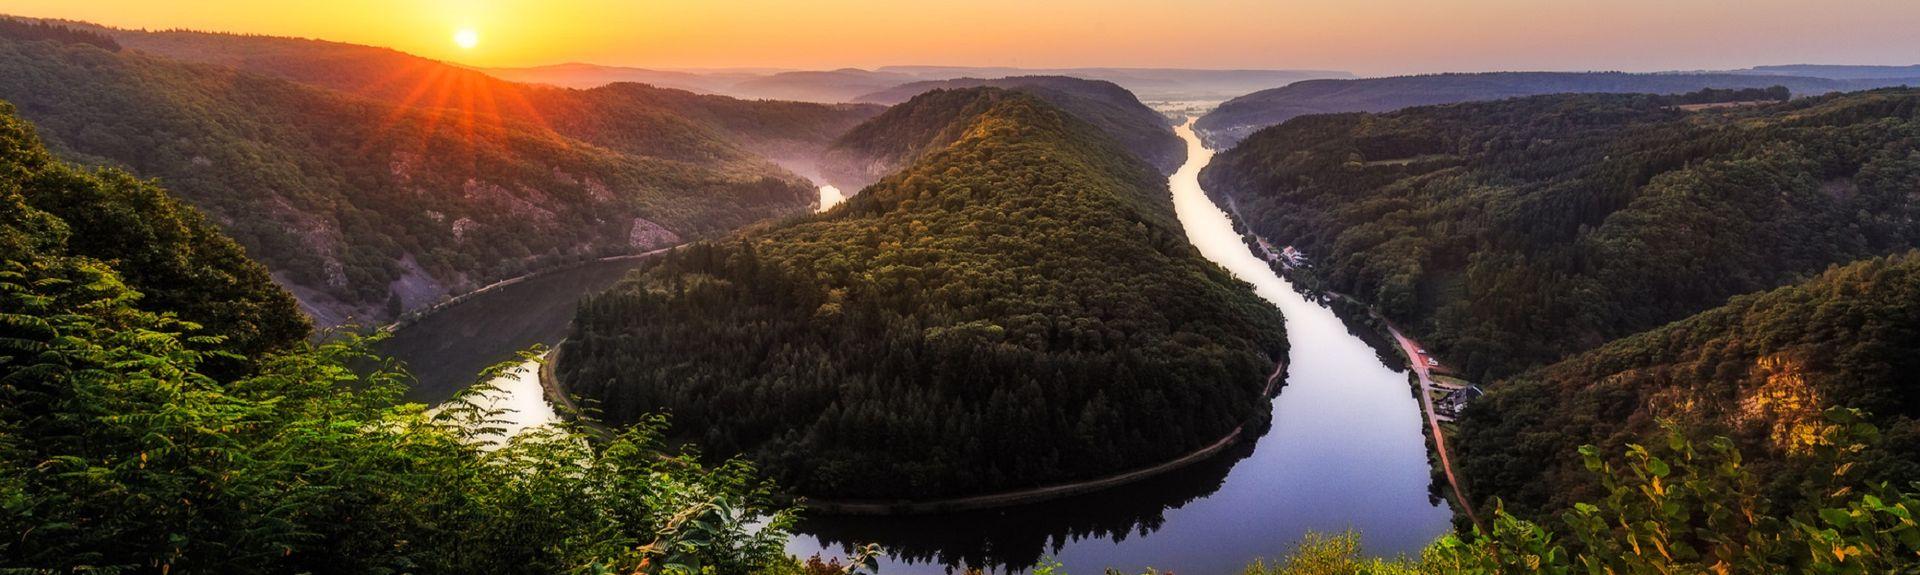 Maring-Noviand, Rhineland-Palatinate, Germany